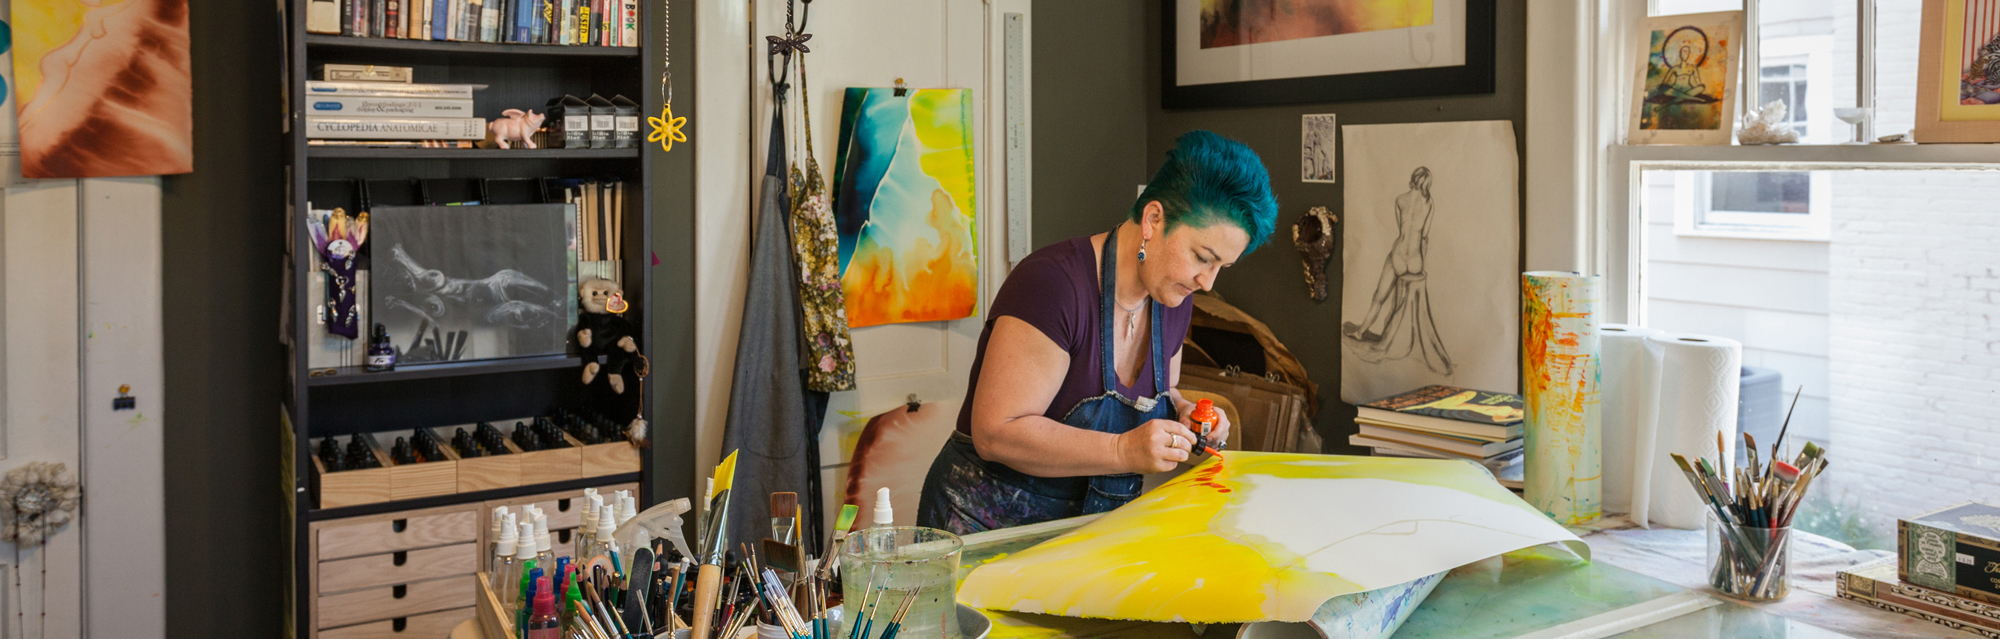 Artist Spotlight: Ilisa Millermoon